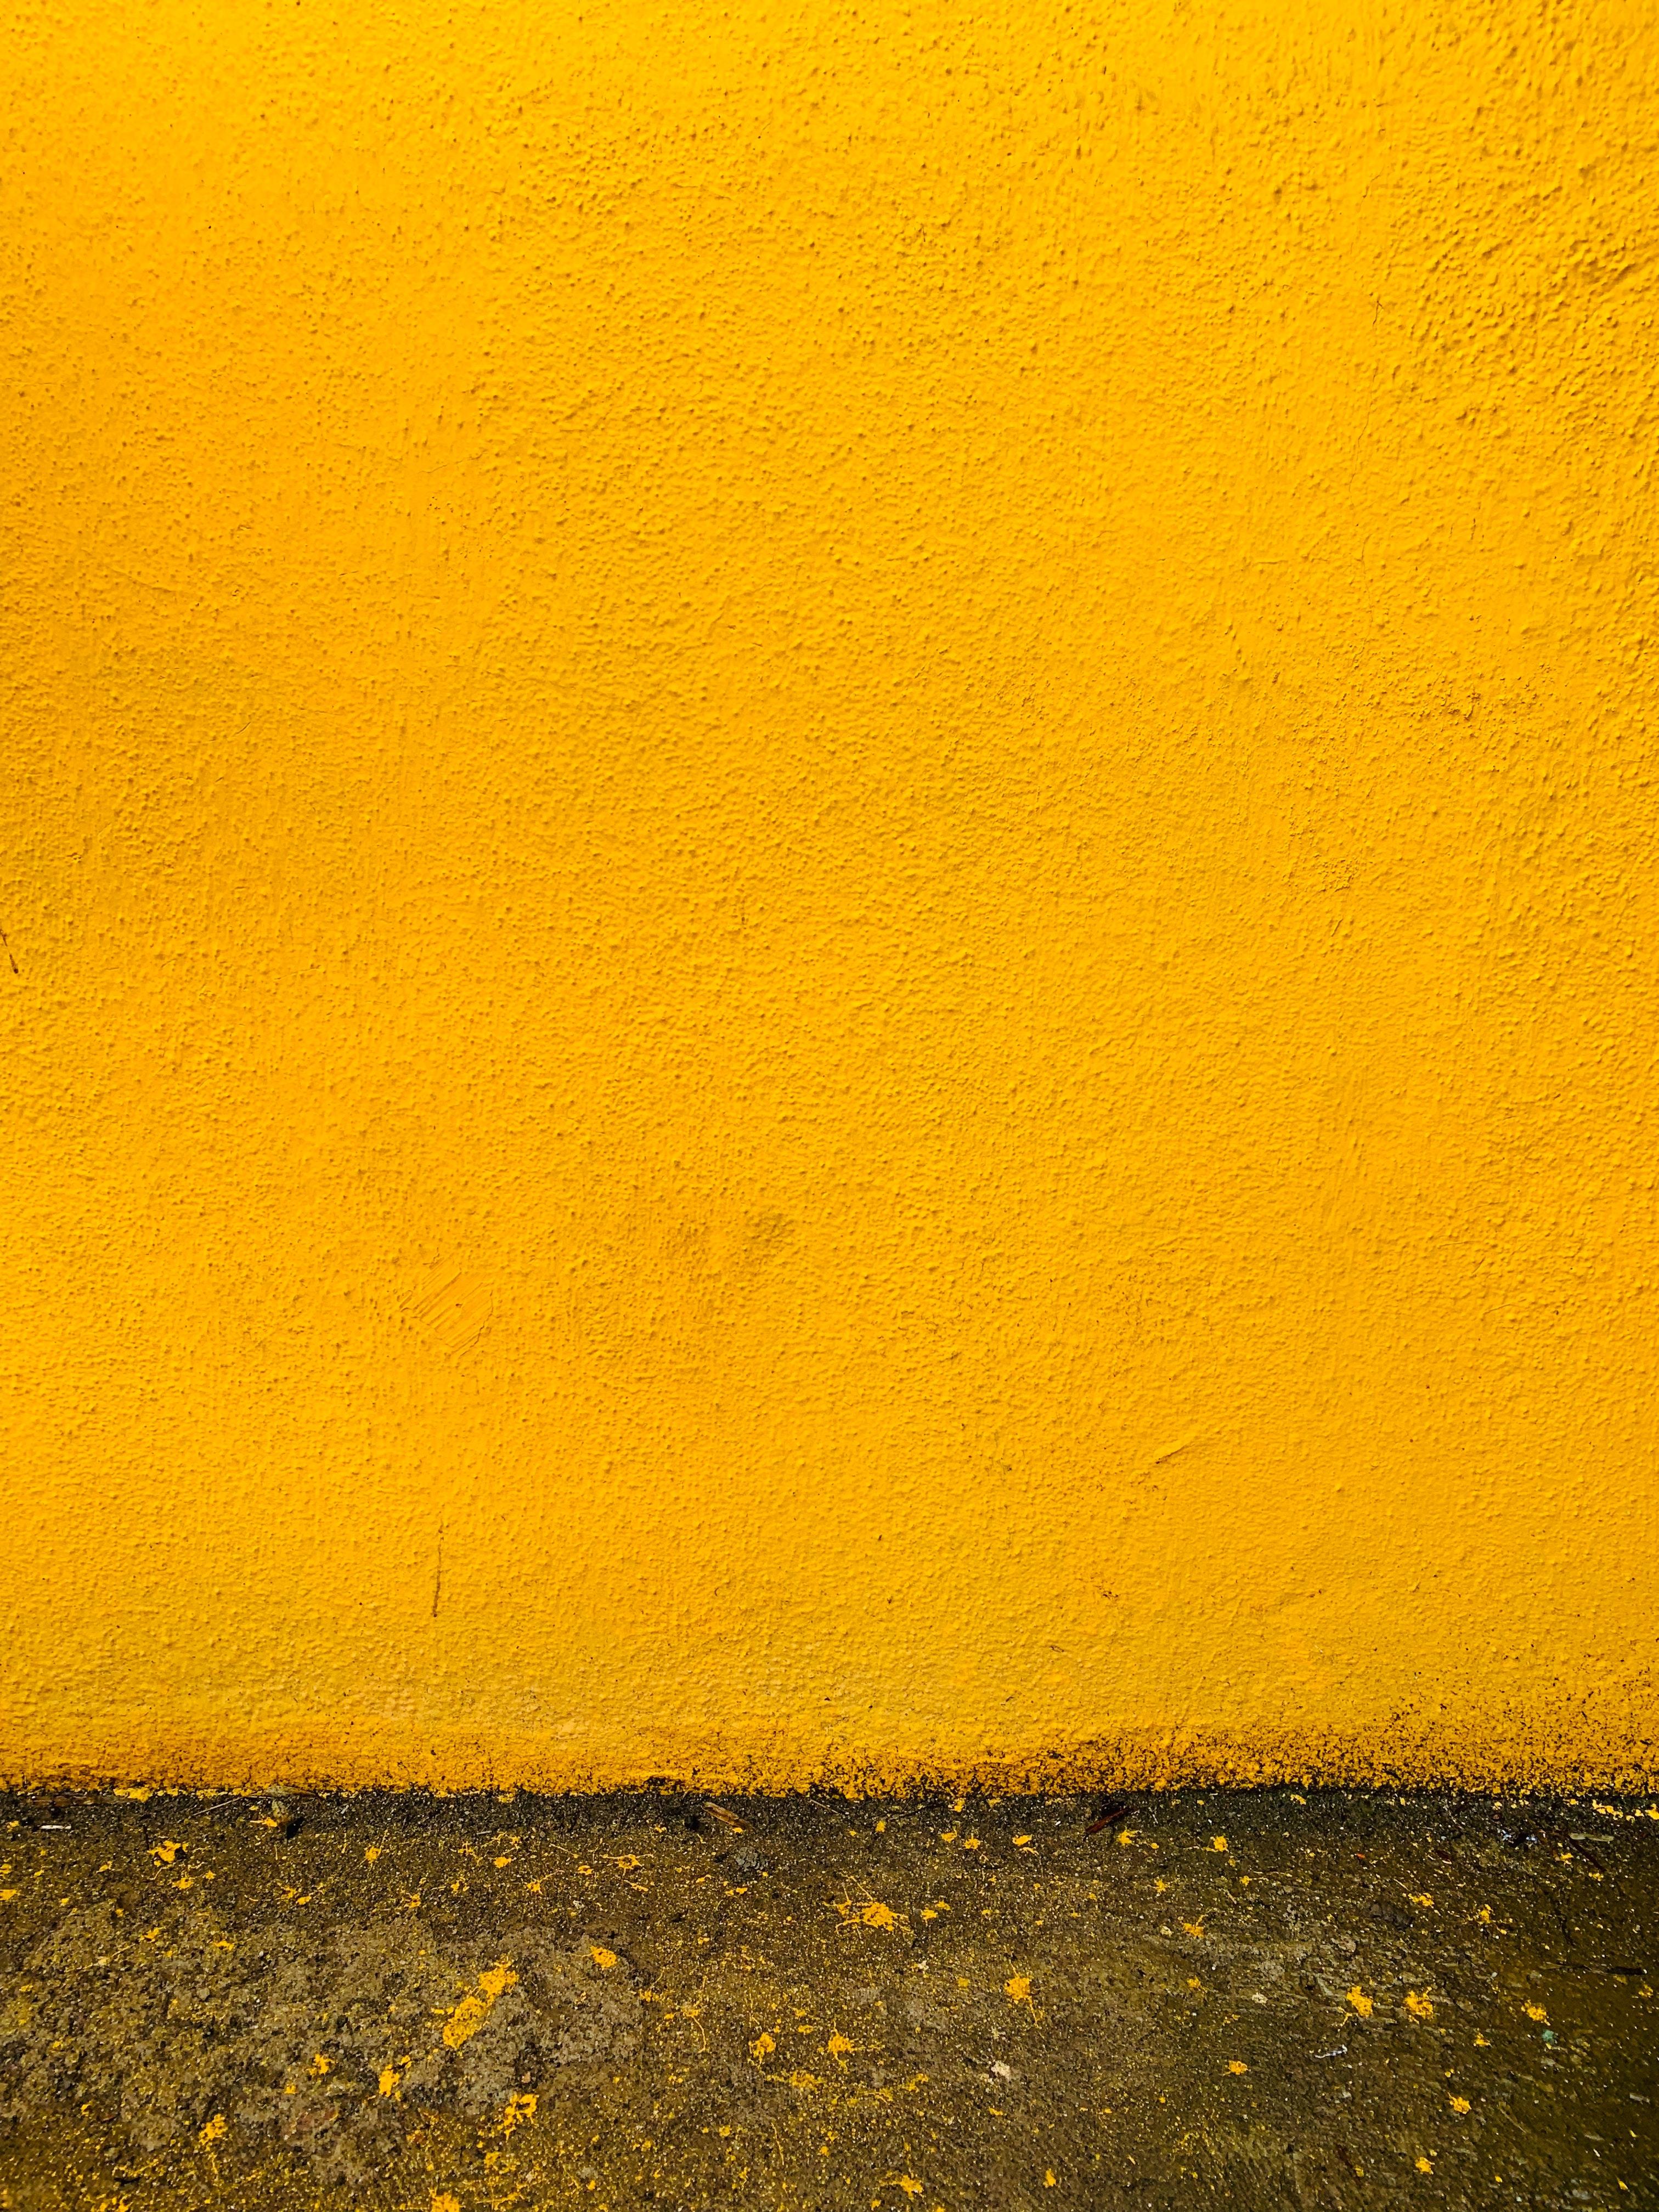 Photo Of Mustard Yellow Wall Free Stock Photo